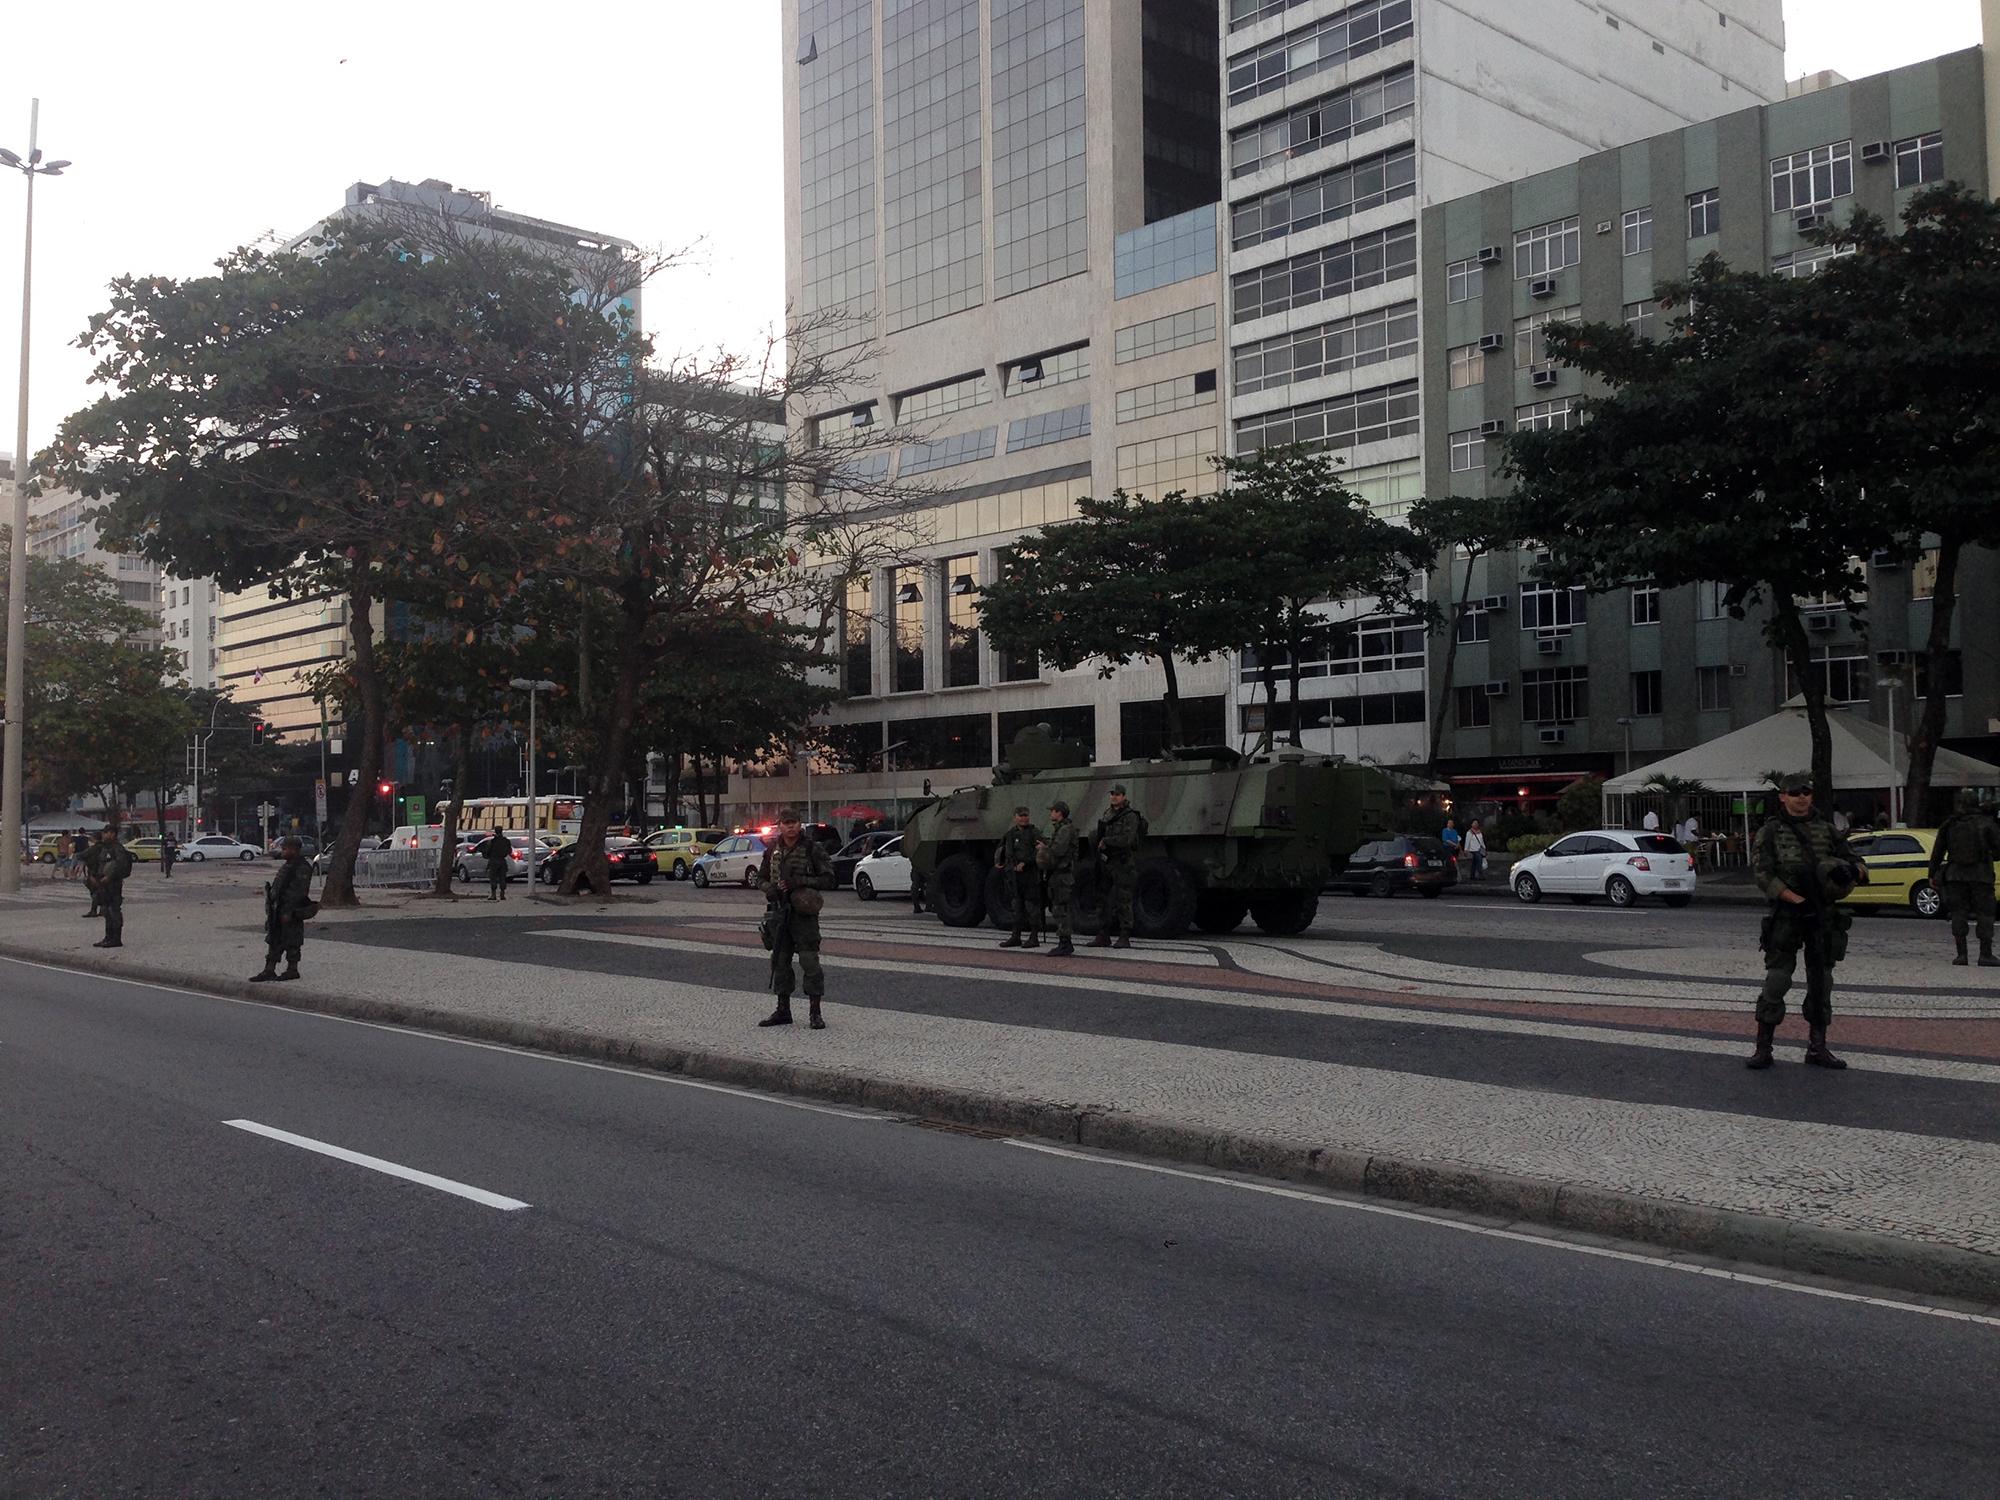 Militares vigilan la playa de Copacabana en Río horas antes de la ceremonia de inauguración. 20 mil miembros de la milicia y 65 mil policías están desplegados en la ciudad por los juegos olímpicos . | Foto: Marcelo A.